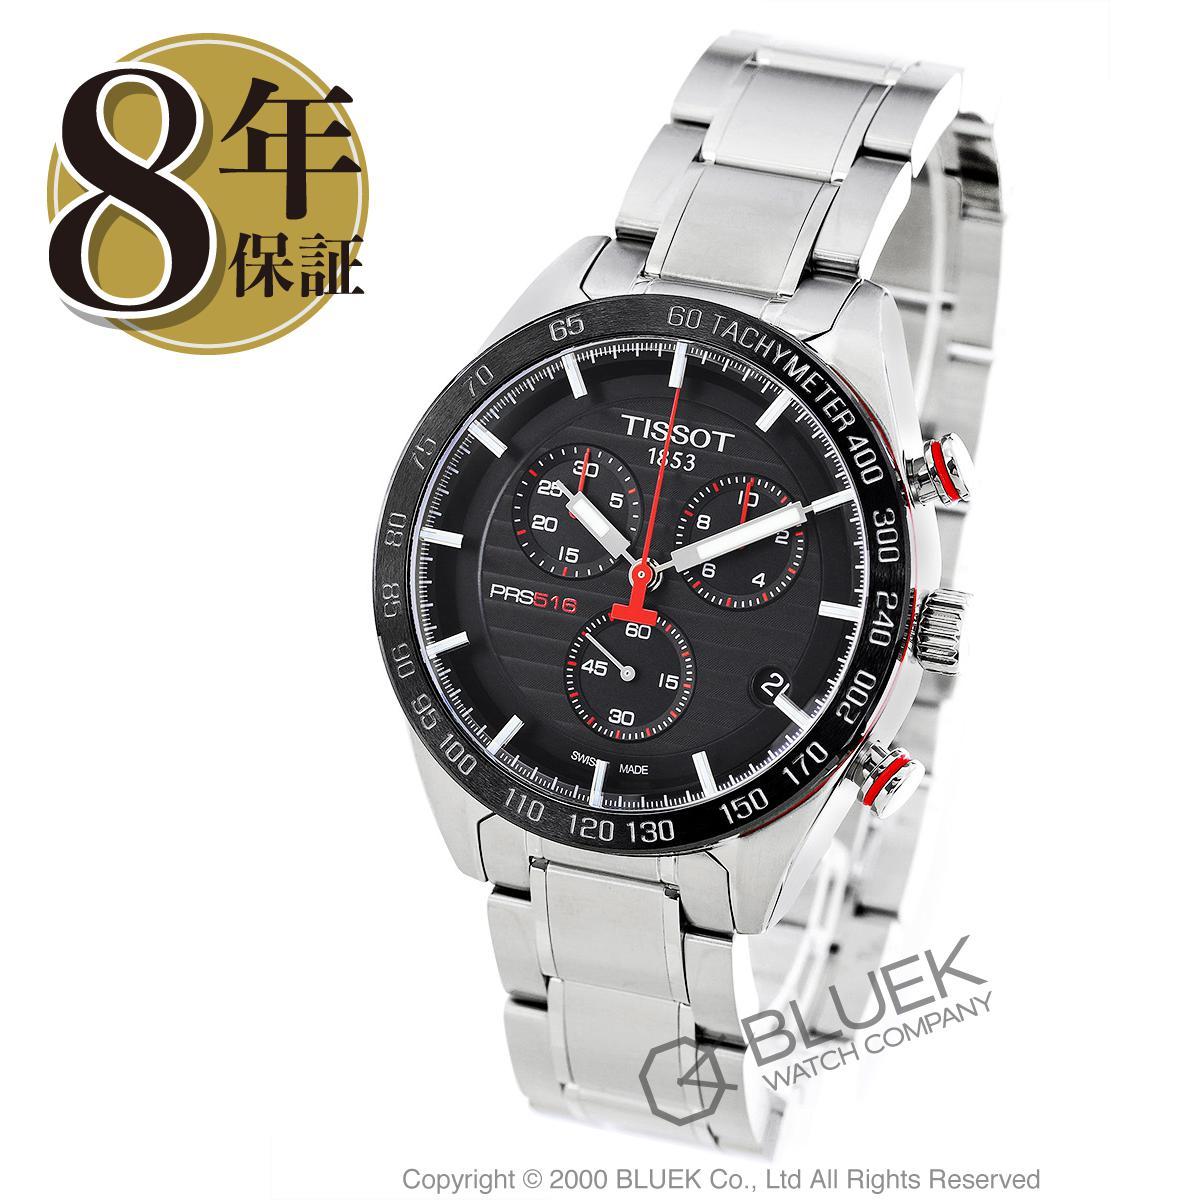 ティソ T-スポーツ PRS516 クロノグラフ 腕時計 メンズ TISSOT T100.417.11.051.01_8